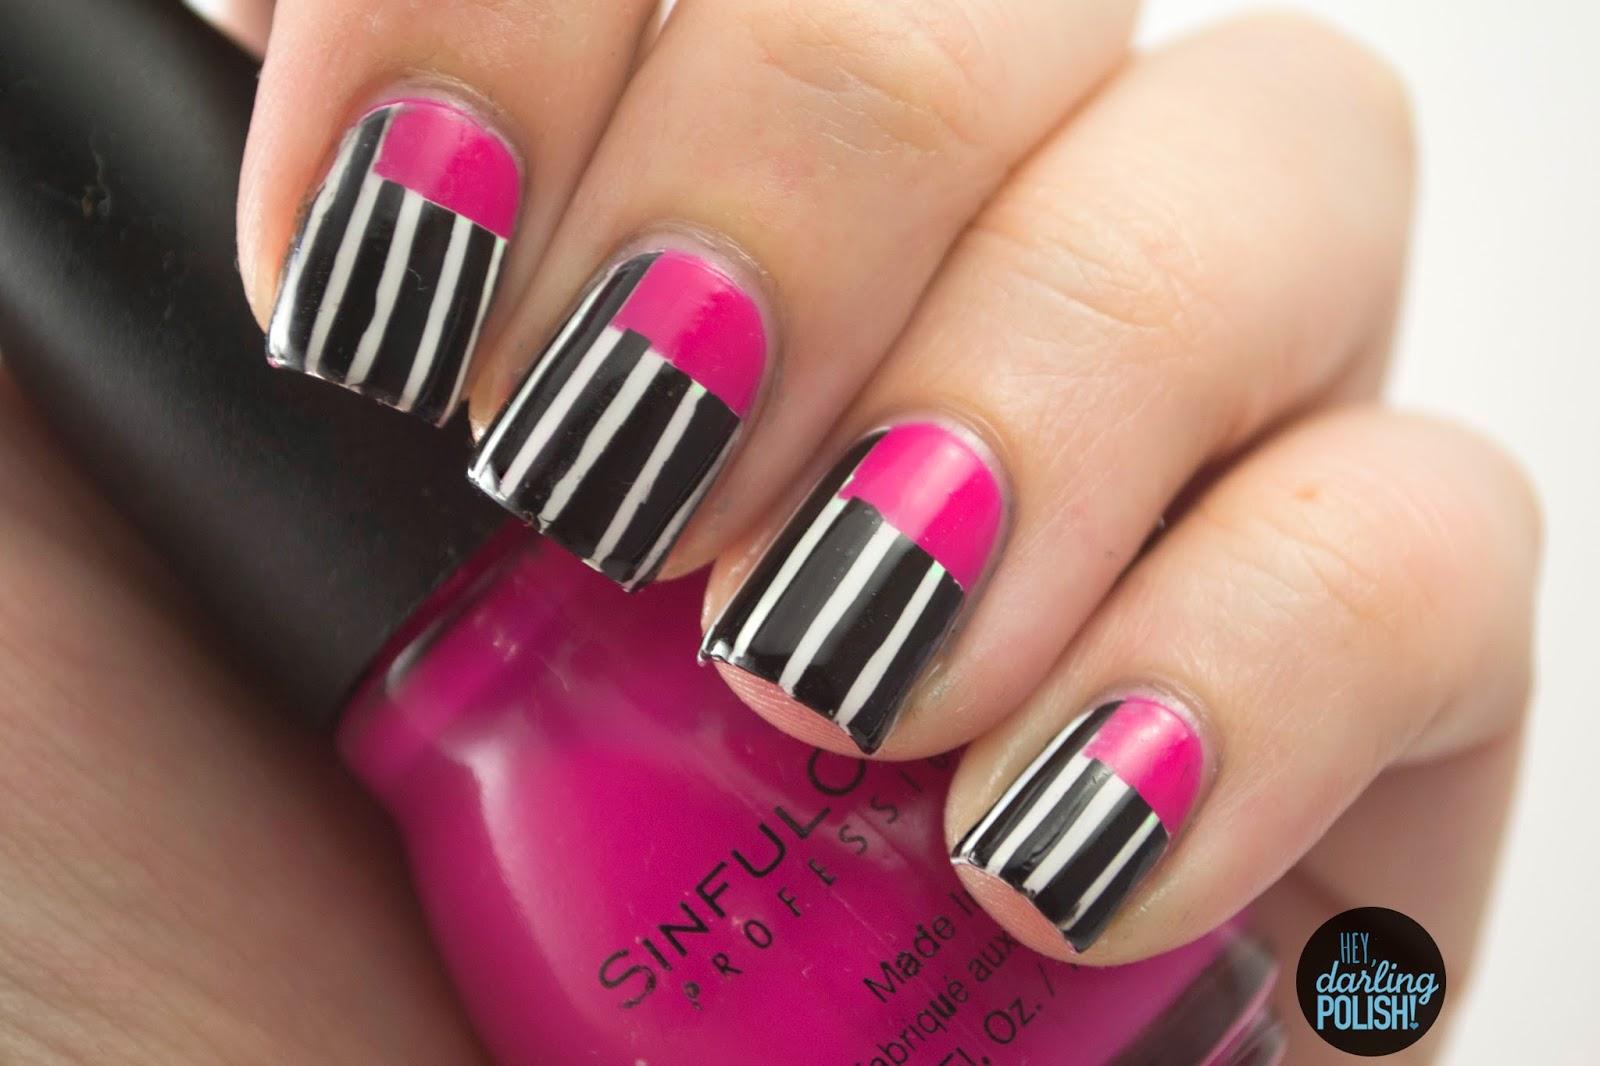 nails, nail art, nail polish, polish, pink, black, white, stripes, hey darling polish, sick of sarah, music monday